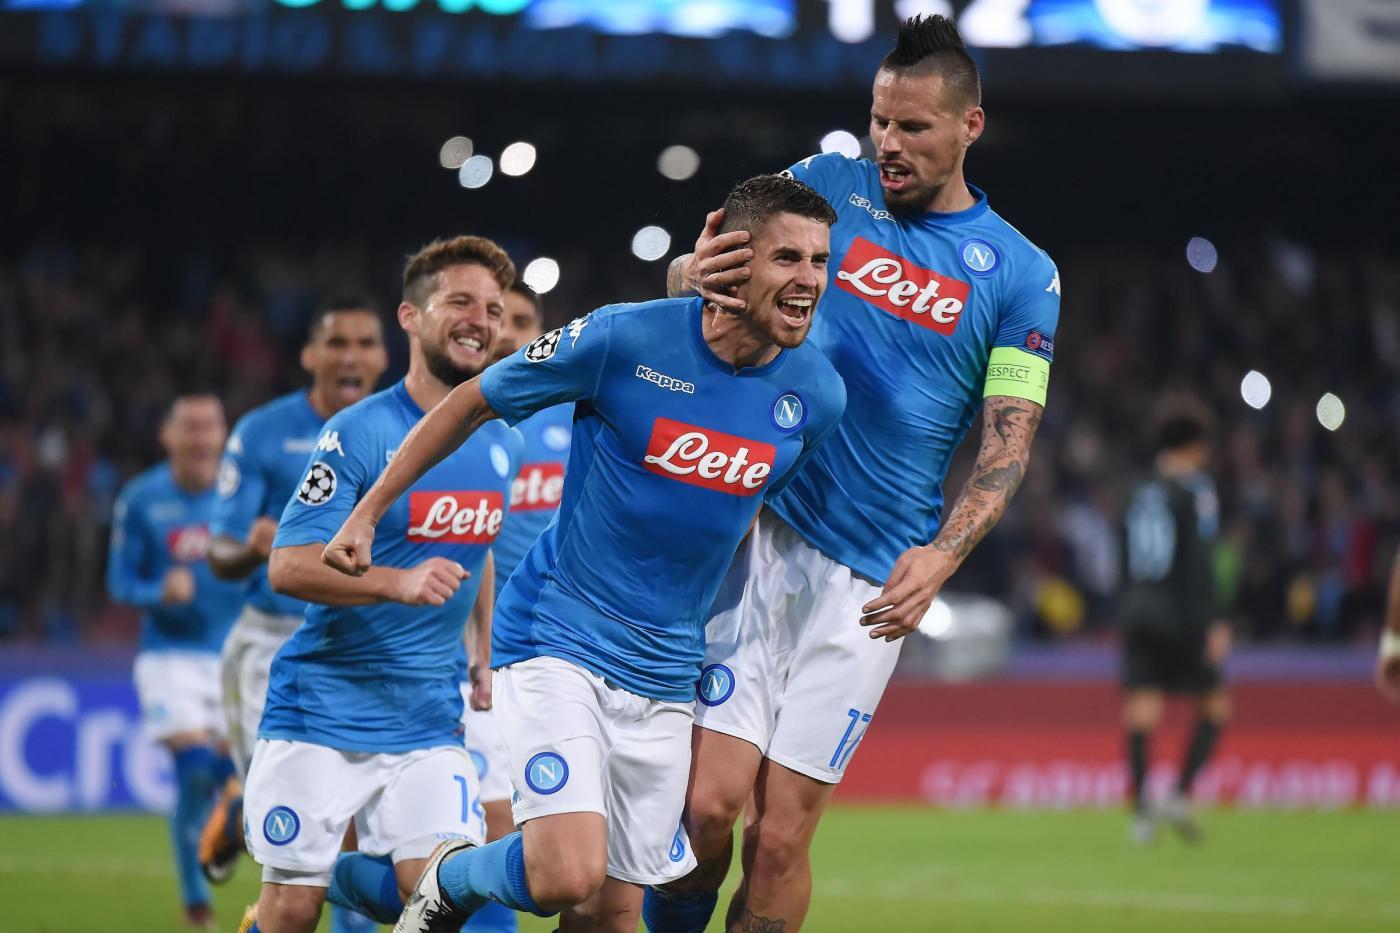 Napoli-Verona sabato 6 gennaio, analisi, probabili formazioni e pronostico Serie A giornata 20